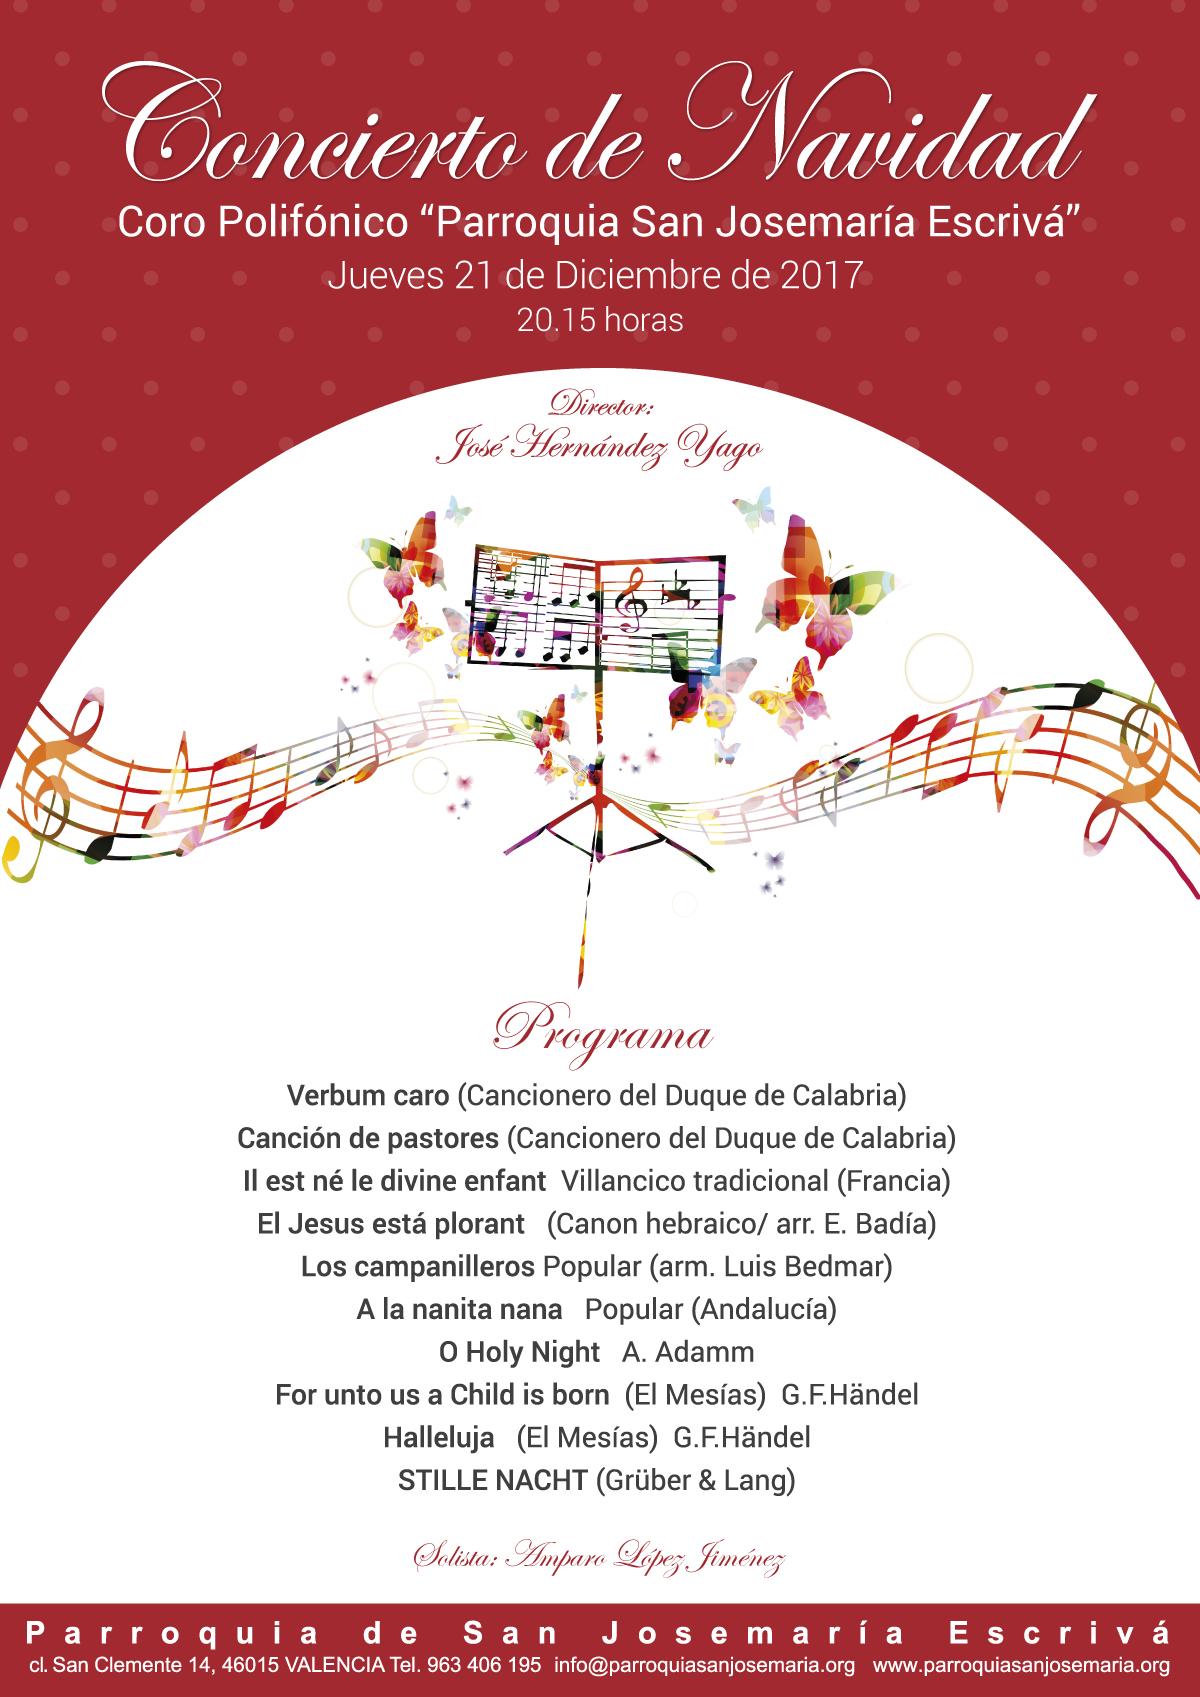 concierto de navidad 2017